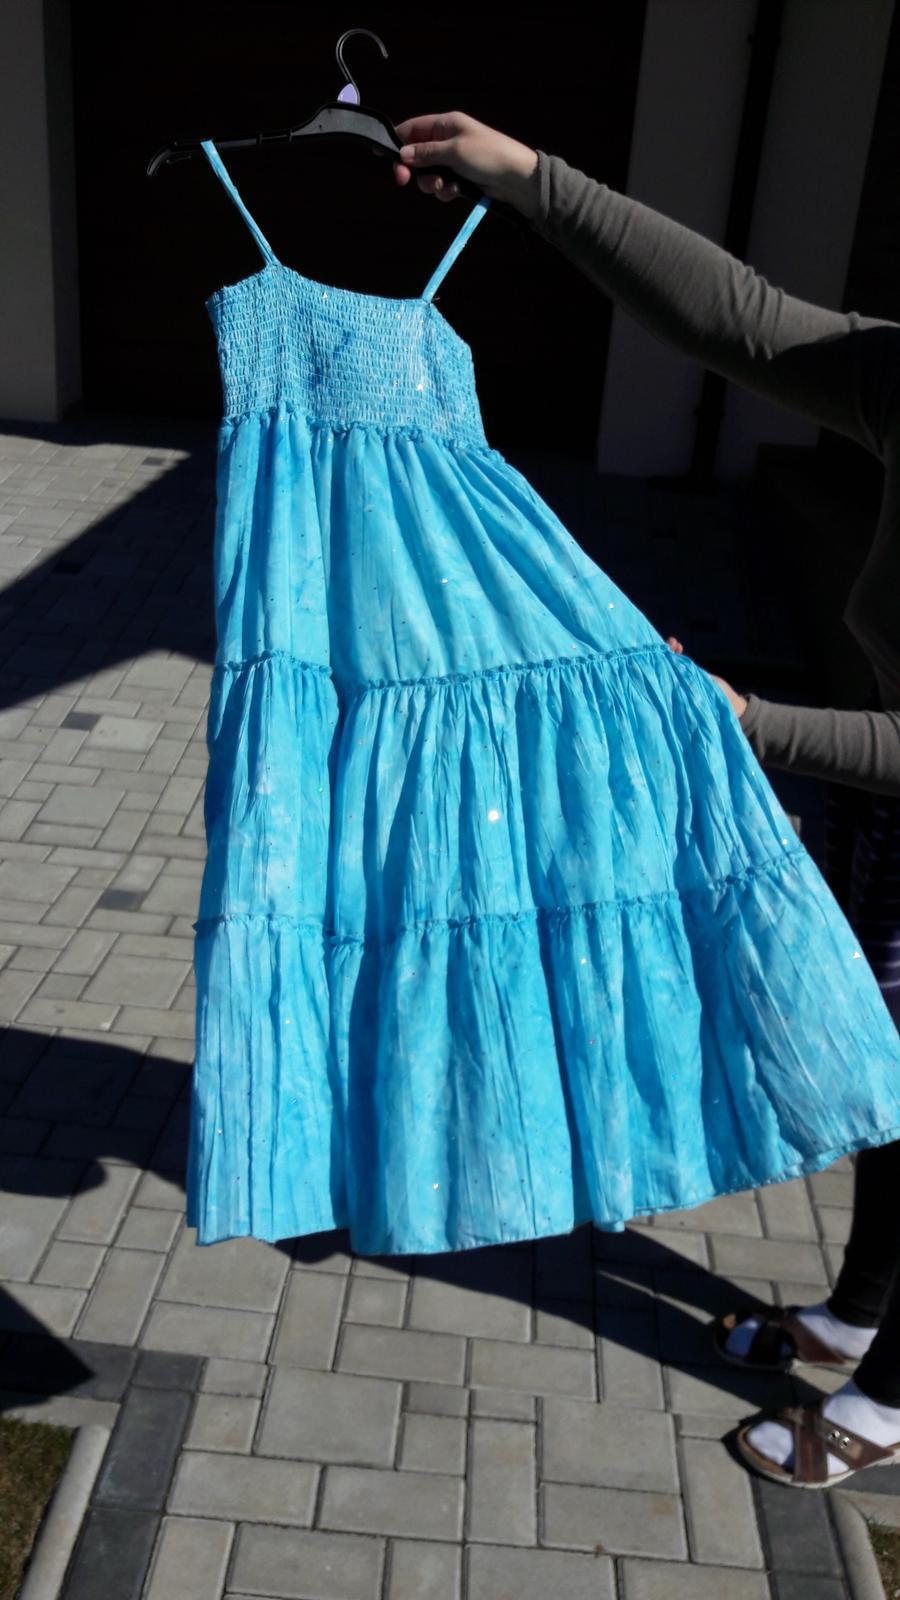 Svetlomodré batikované šaty   - Obrázok č. 1